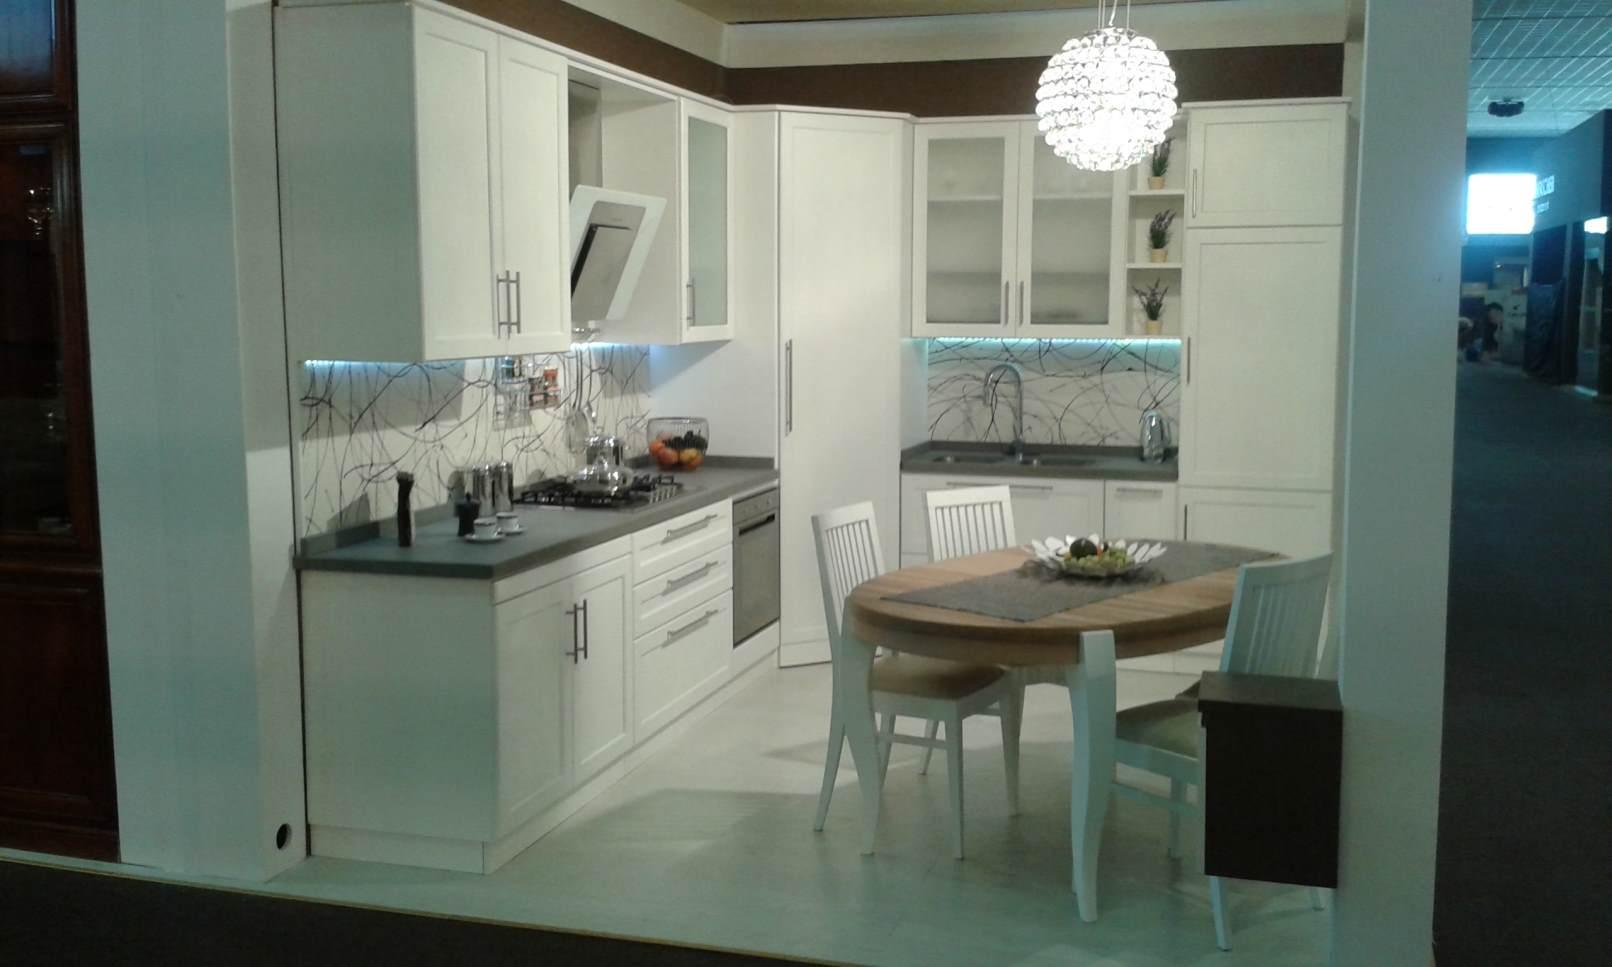 Arredamenti oscar bellotto – Cucina ad angolo frassino bianco